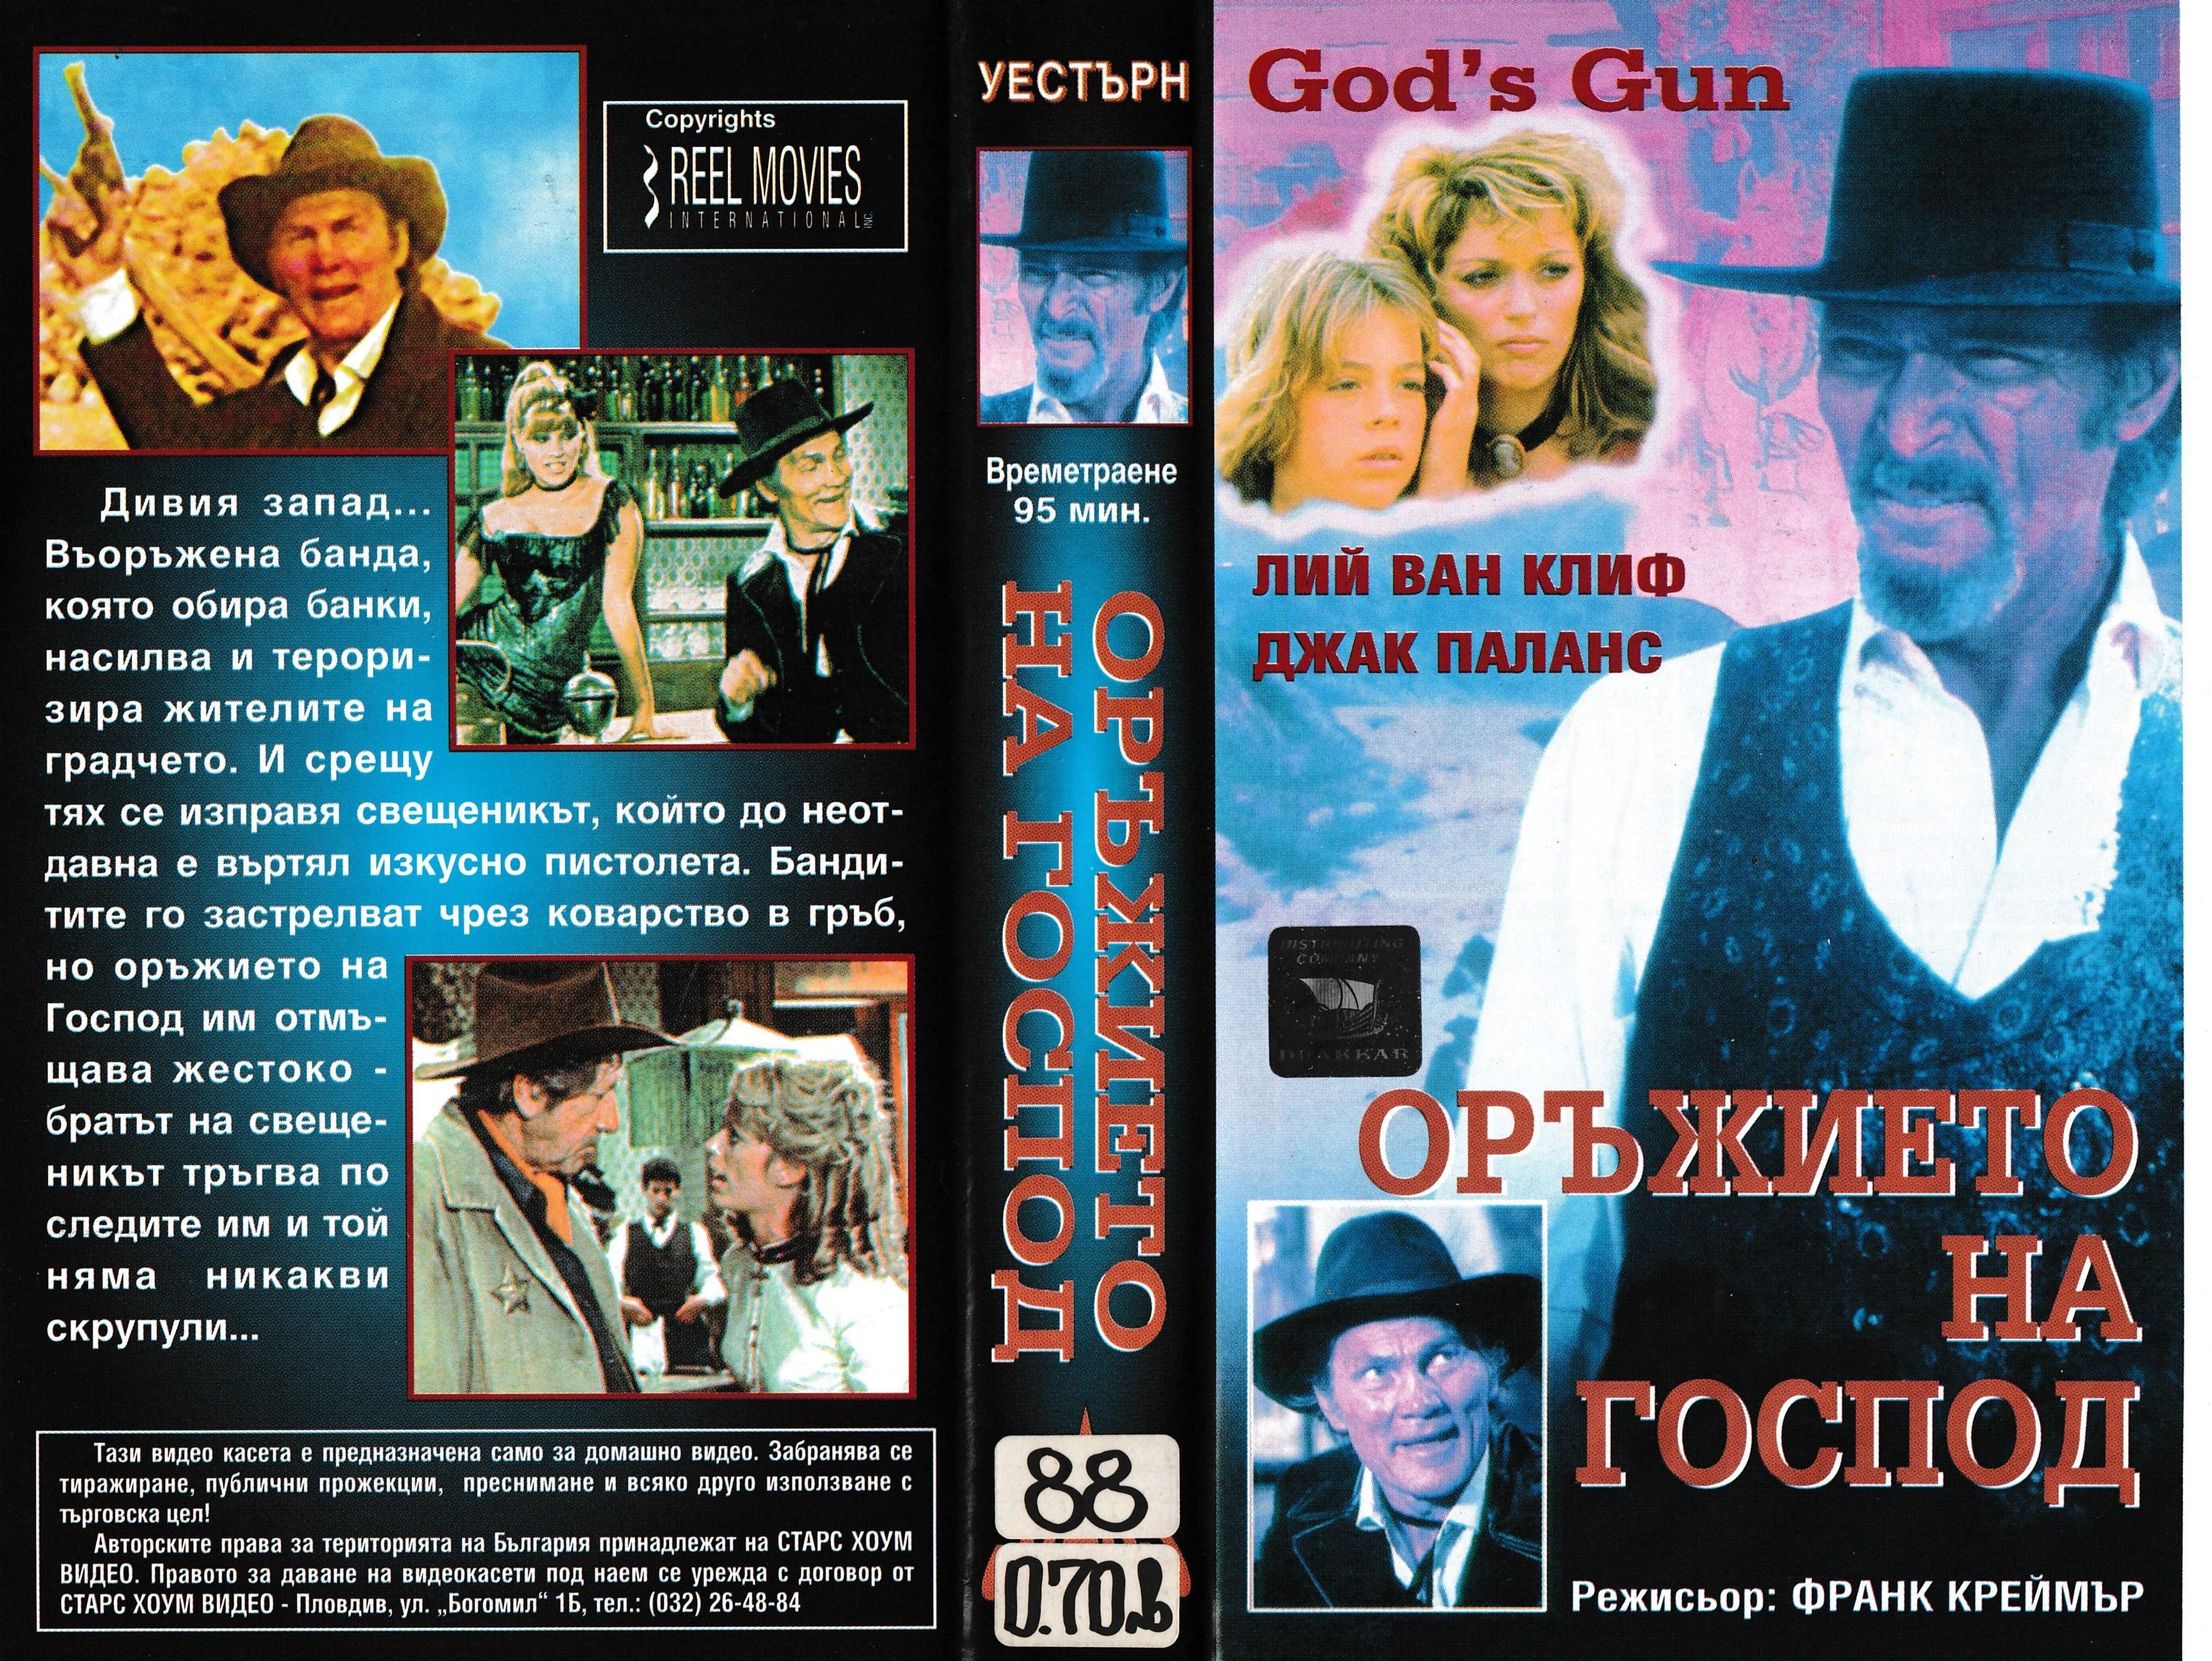 Оръжието на господ филм